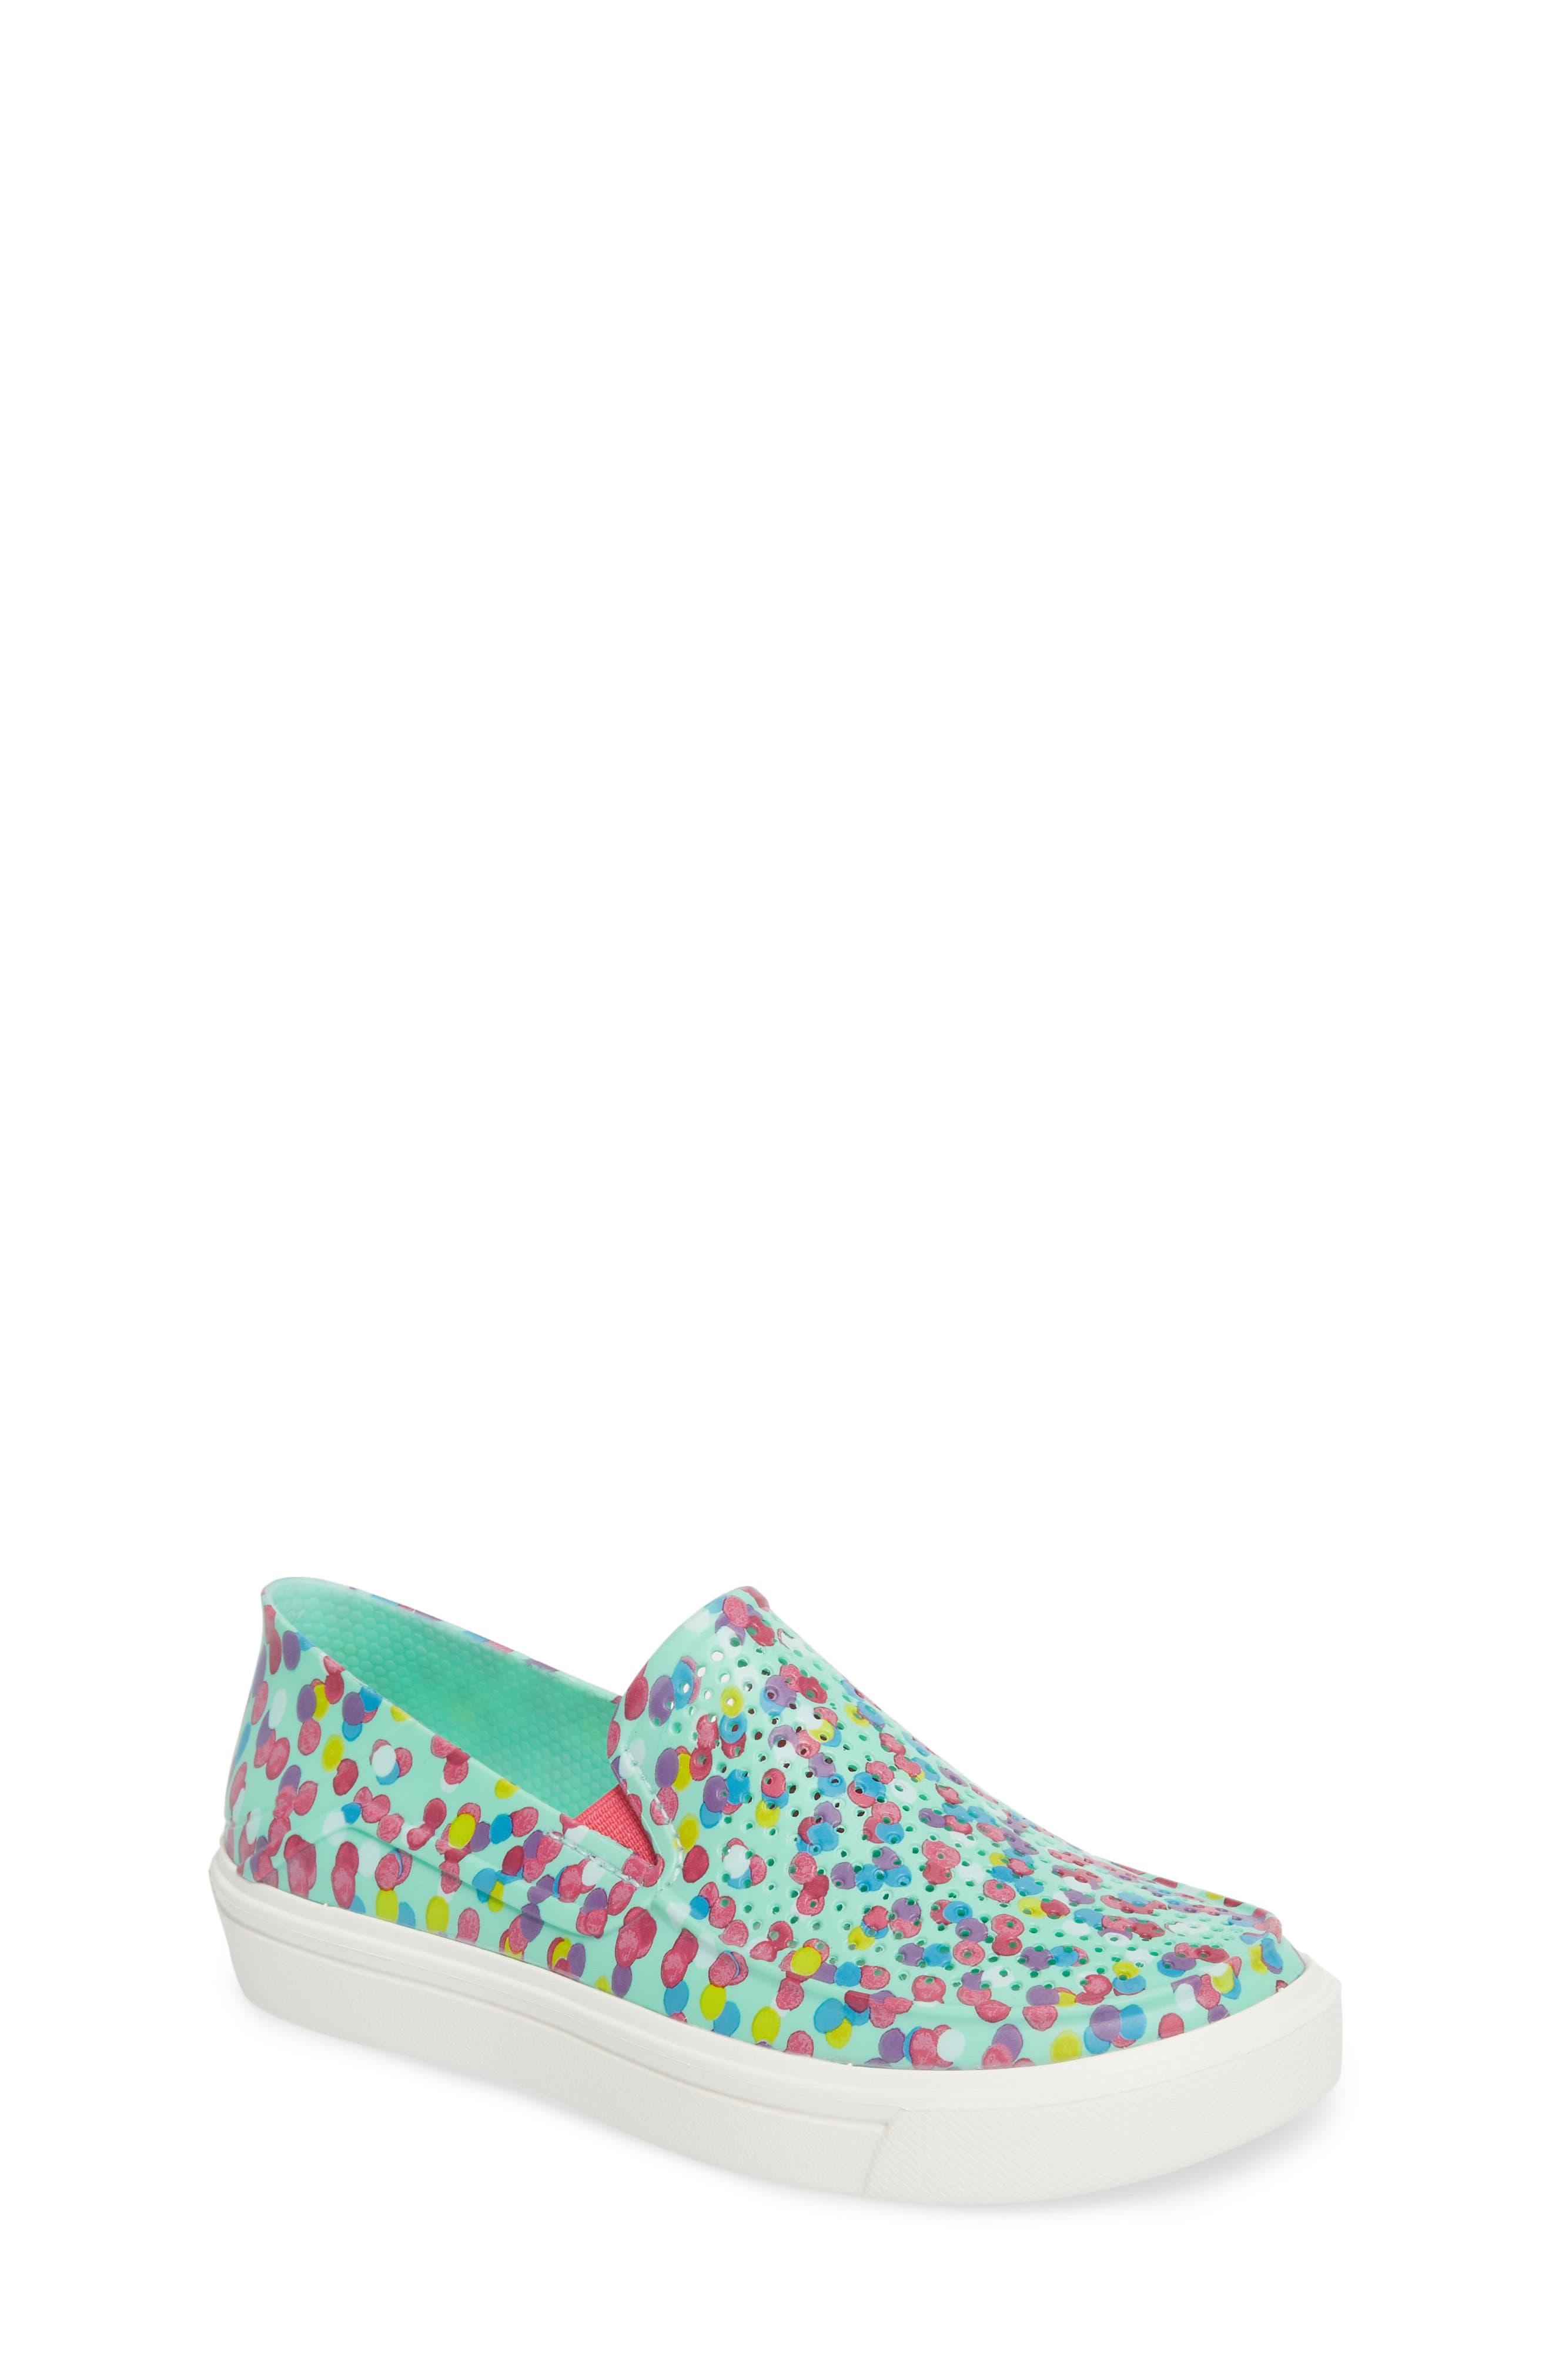 CitiLane Roka Graphic Slip-On Sneaker,                             Main thumbnail 1, color,                             Multi/ Mint